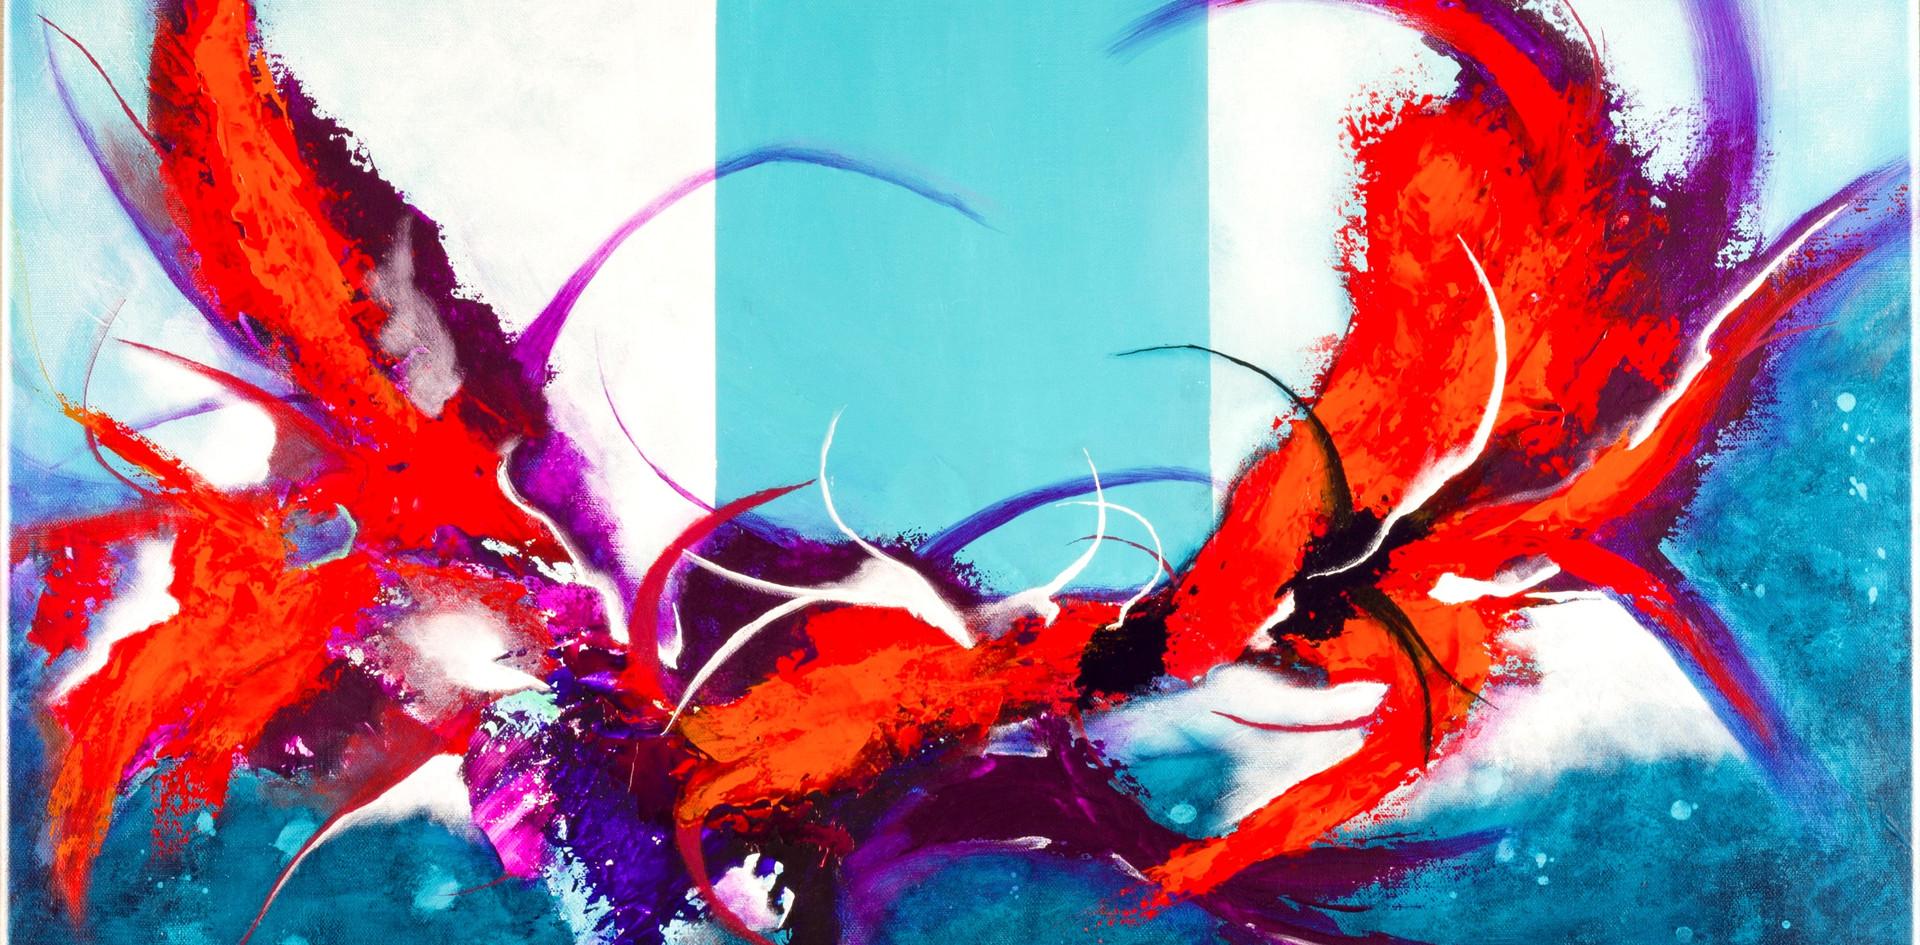 Crabouge tableau abstrait